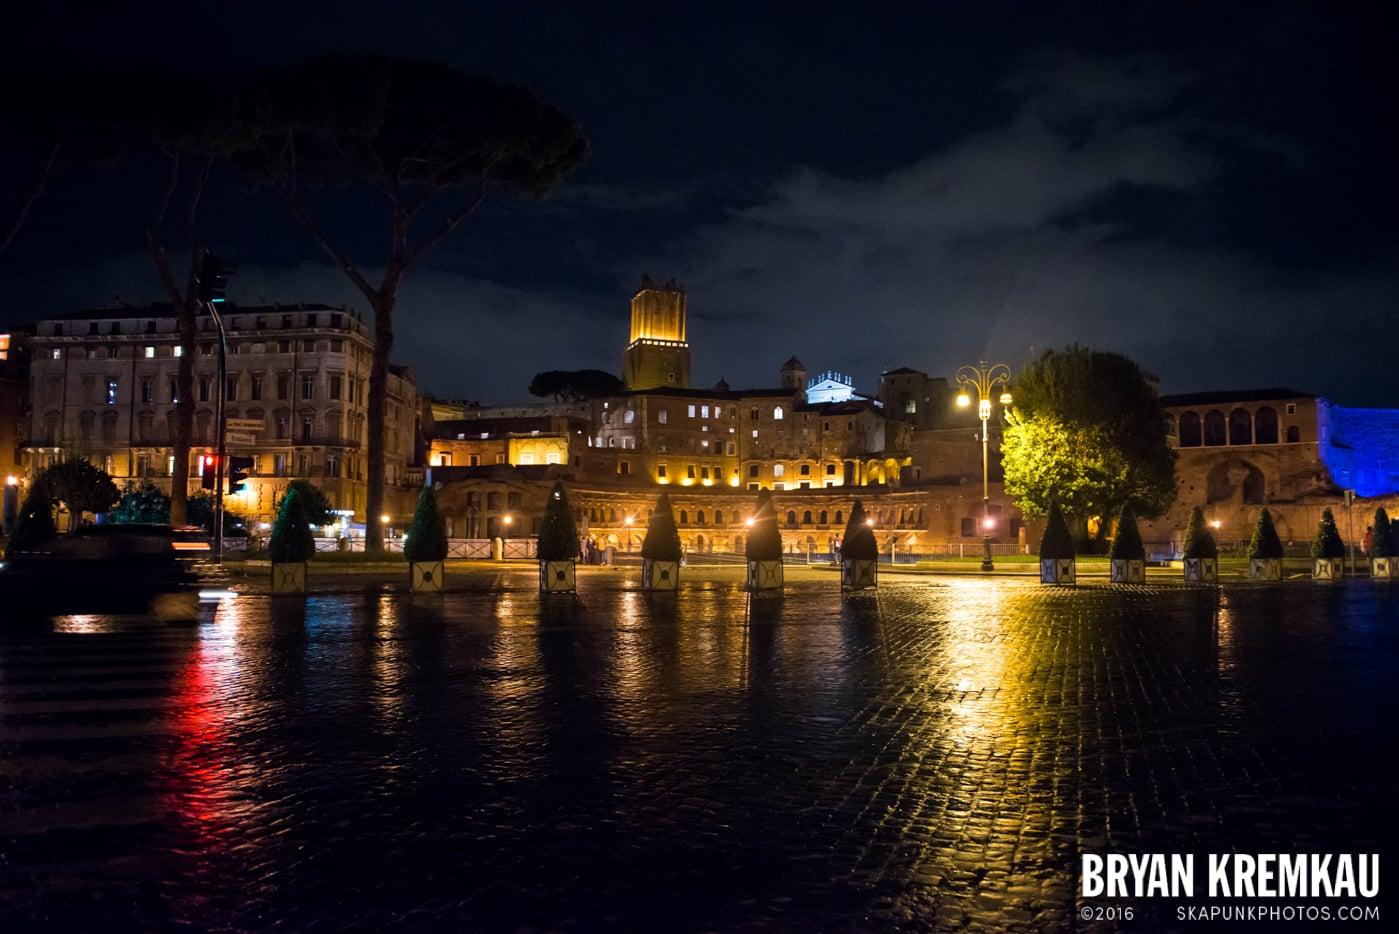 Italy Vacation - Day 2: Rome - 9.10.13 (10)